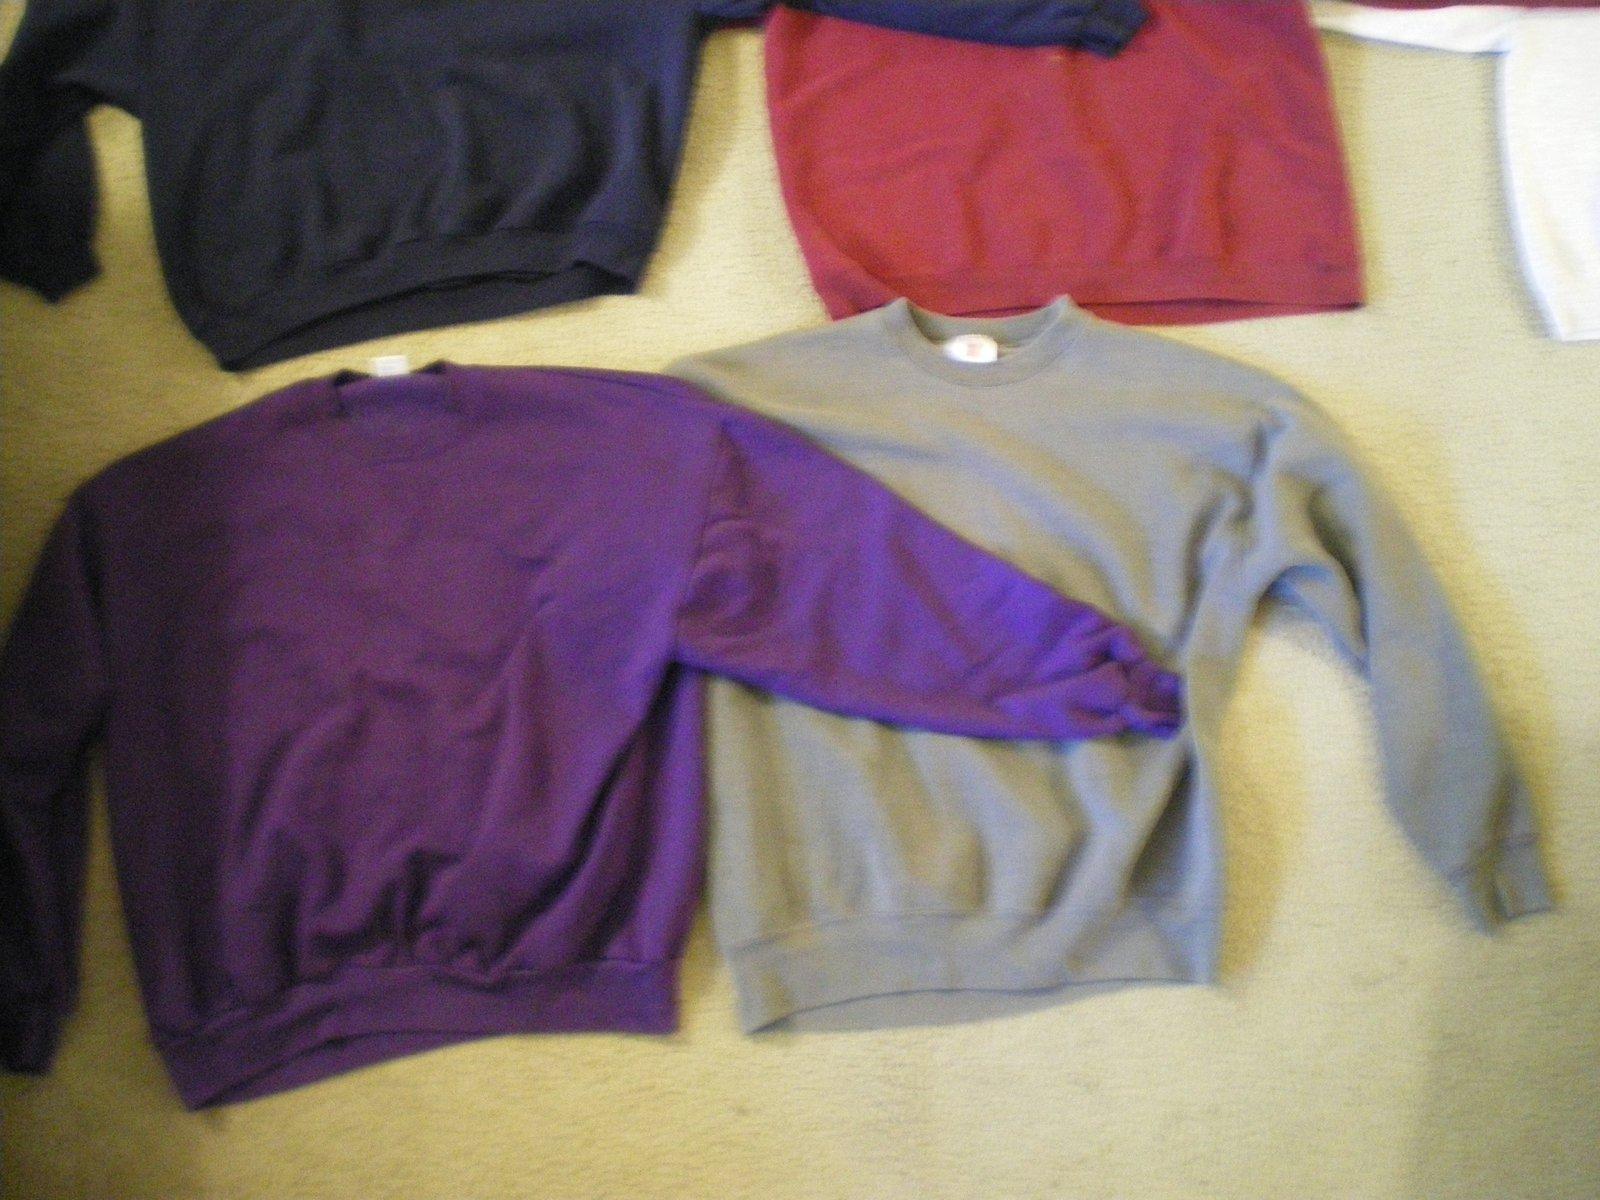 Purple and dark grey crewnecks